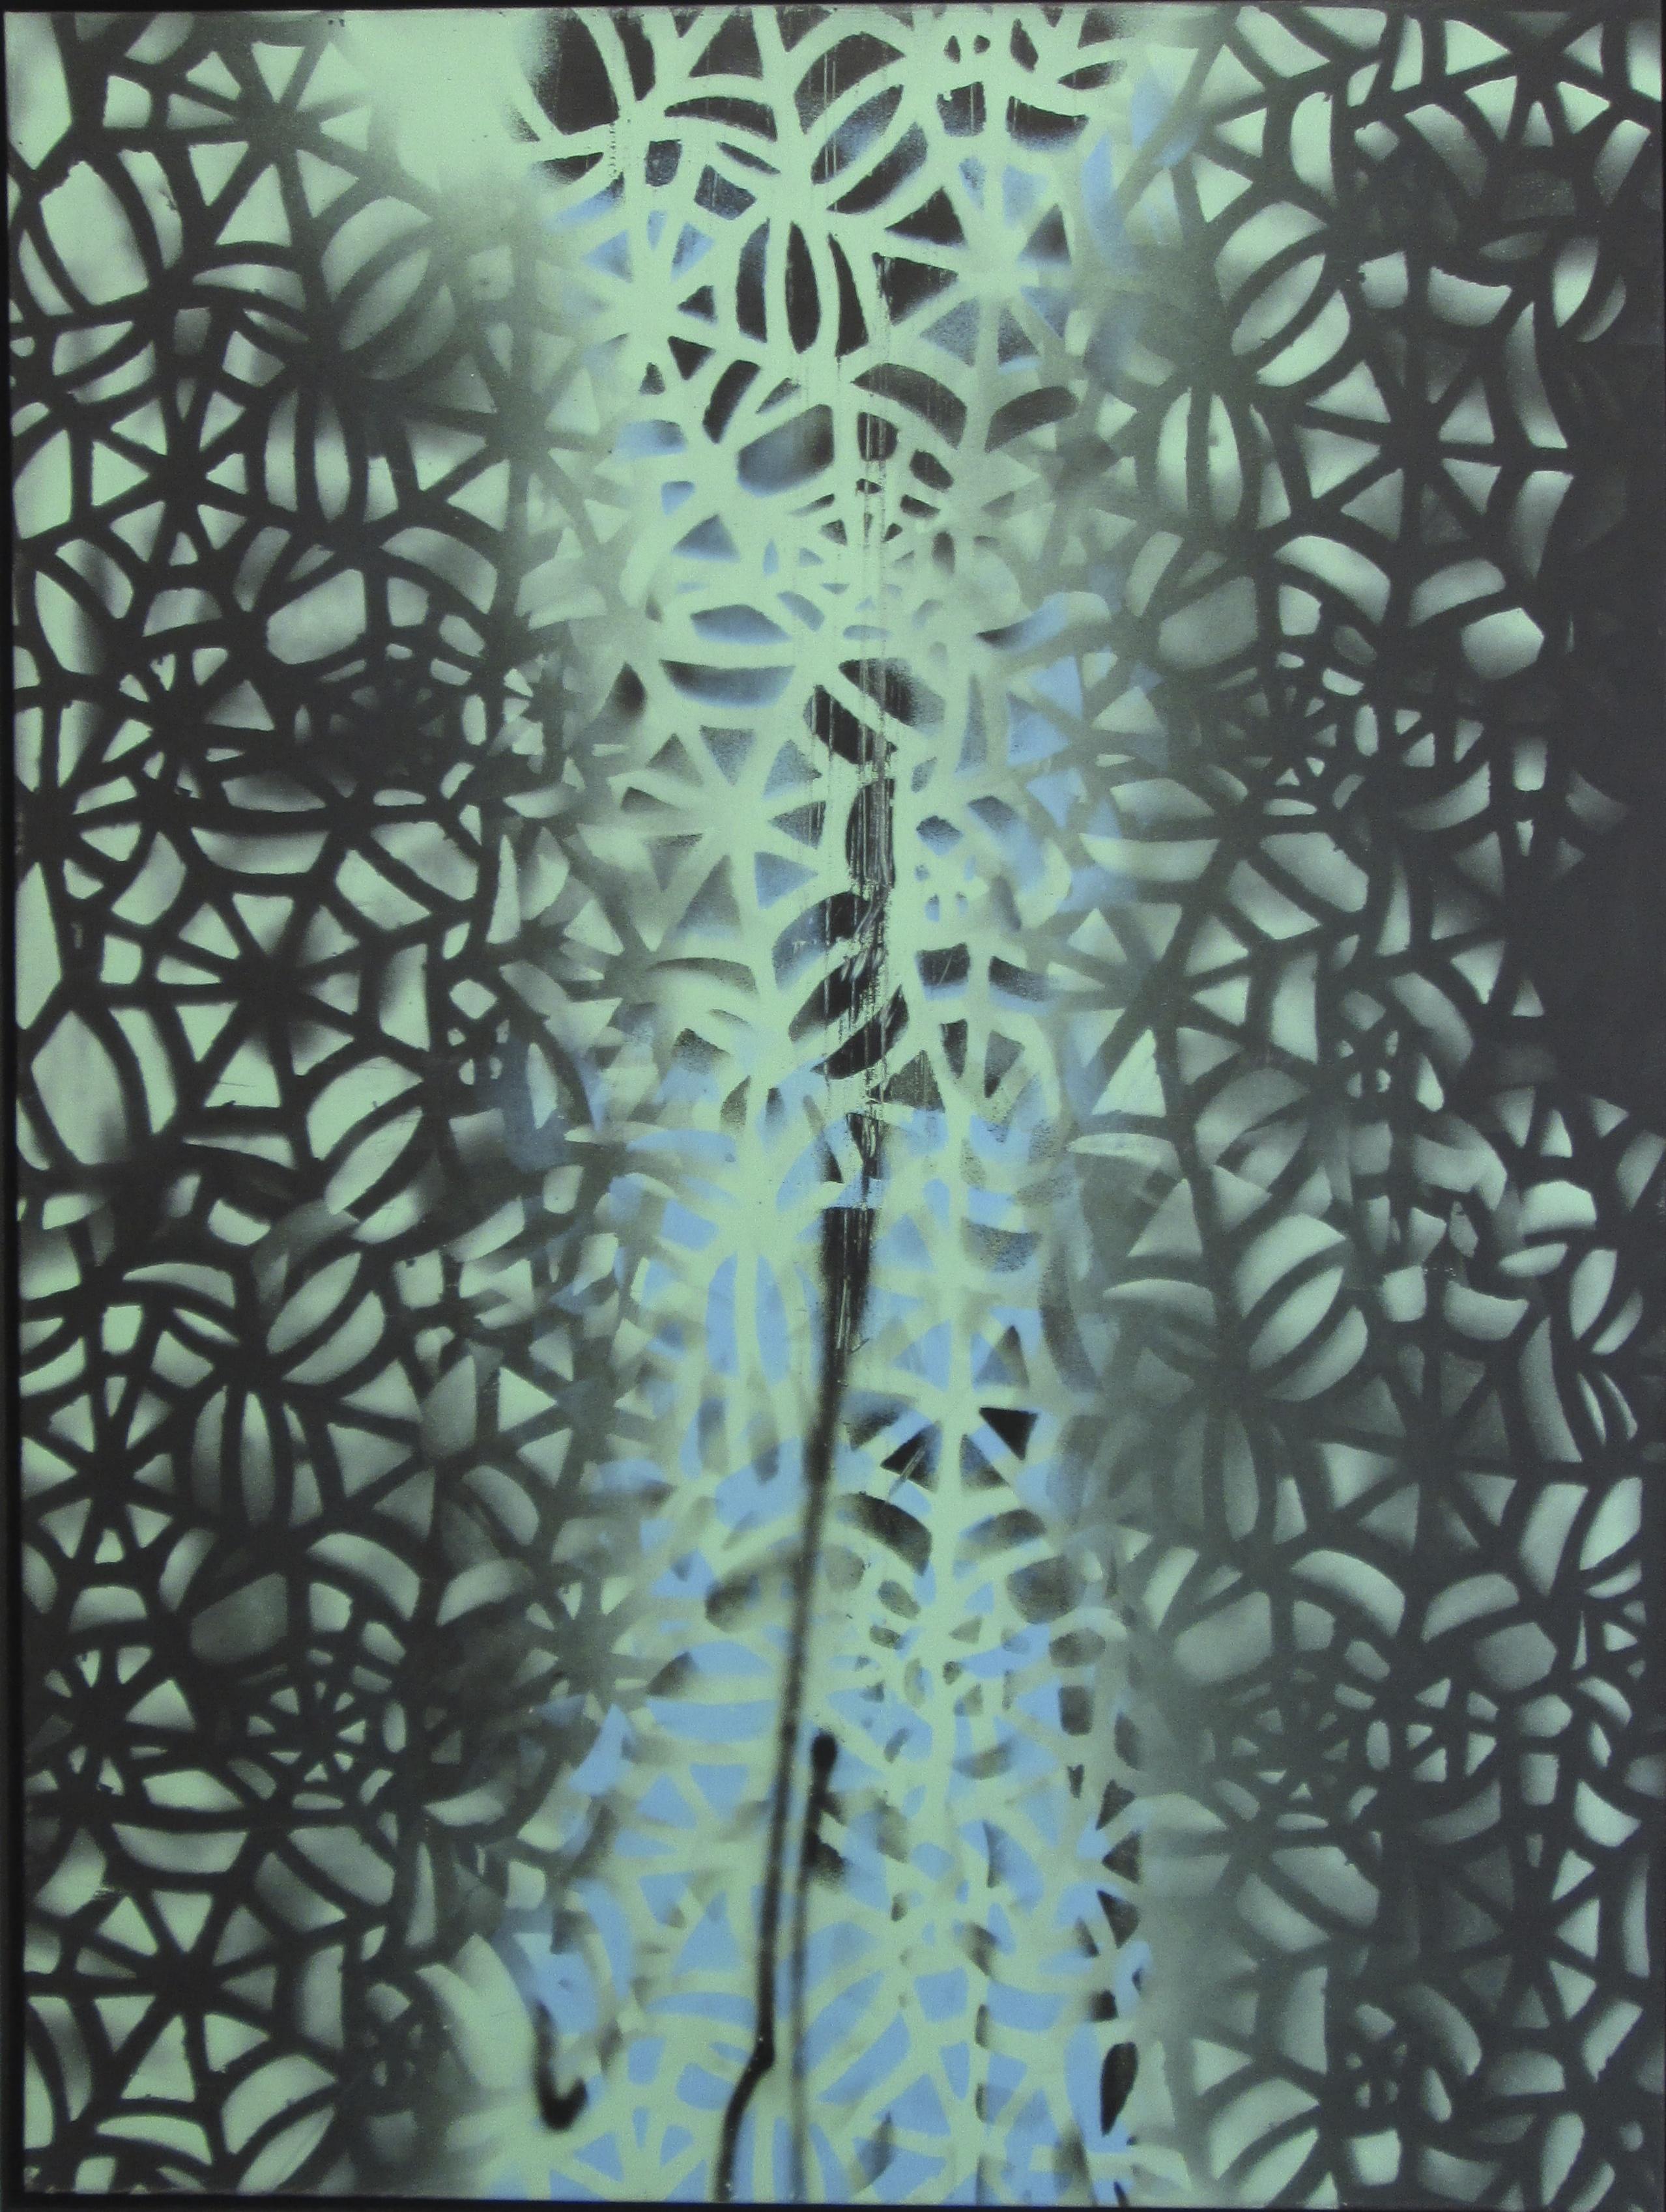 Magic Seaweed, 2013